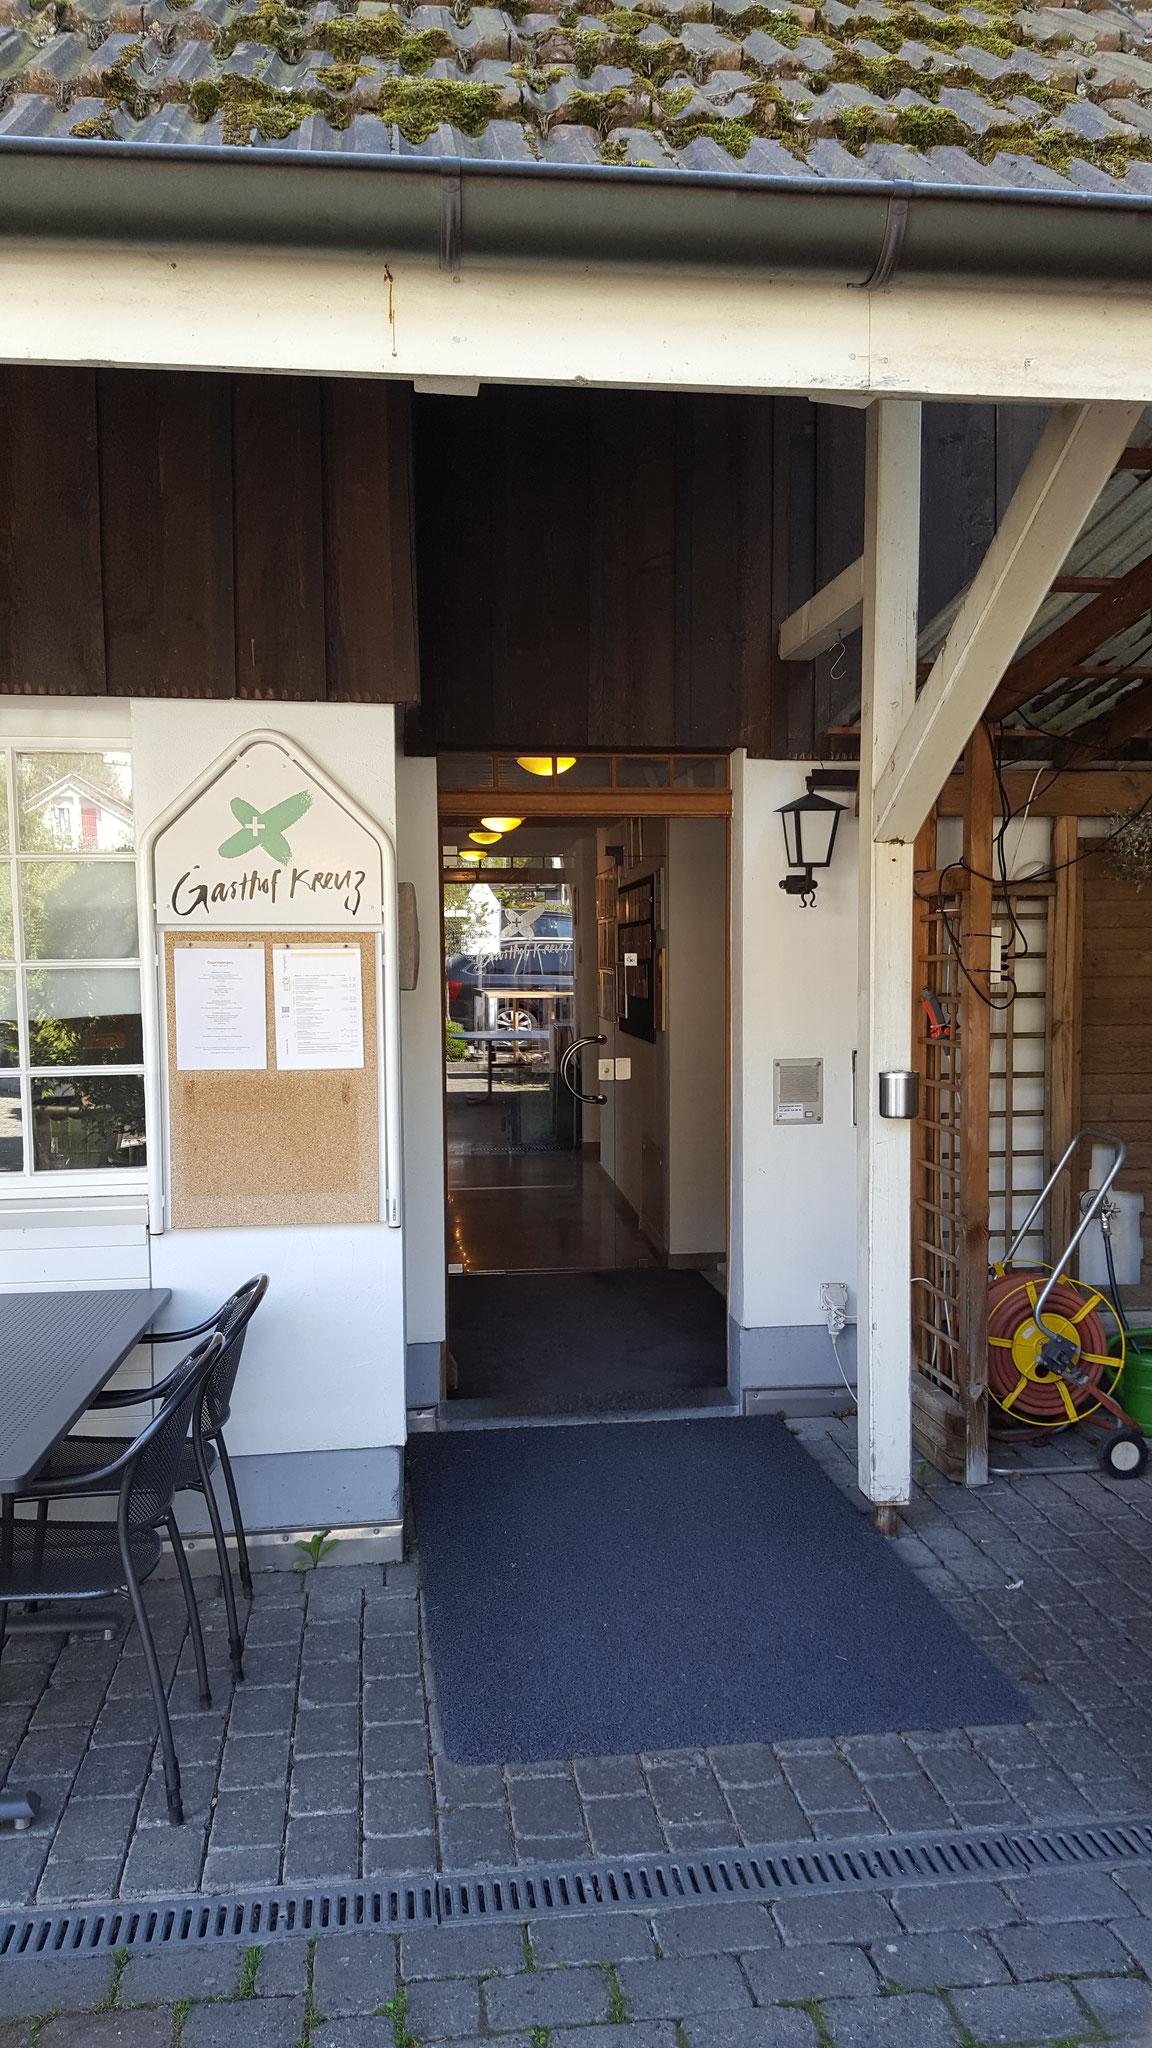 Verbandstagung in Egerkingen (Schweiz): Hotel Gasthof Kreuz, Oltnerstrasse 11, CH-4622 Egerkingen (Eingangsbereich Gasthof/Hotel Hofseite)